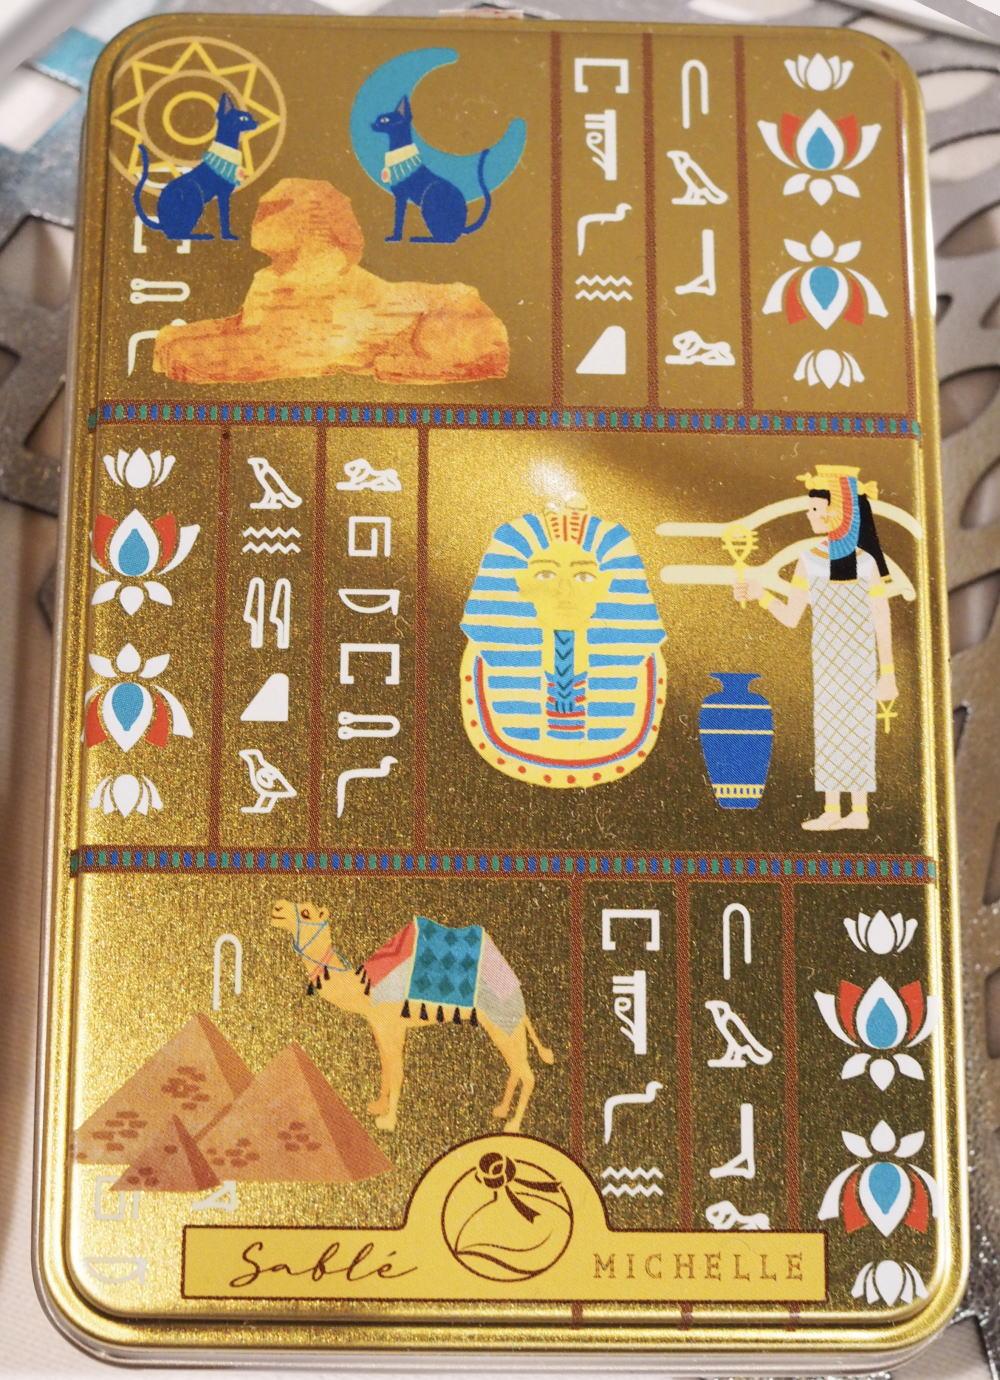 サブレミシェル 缶の種類 エジプト